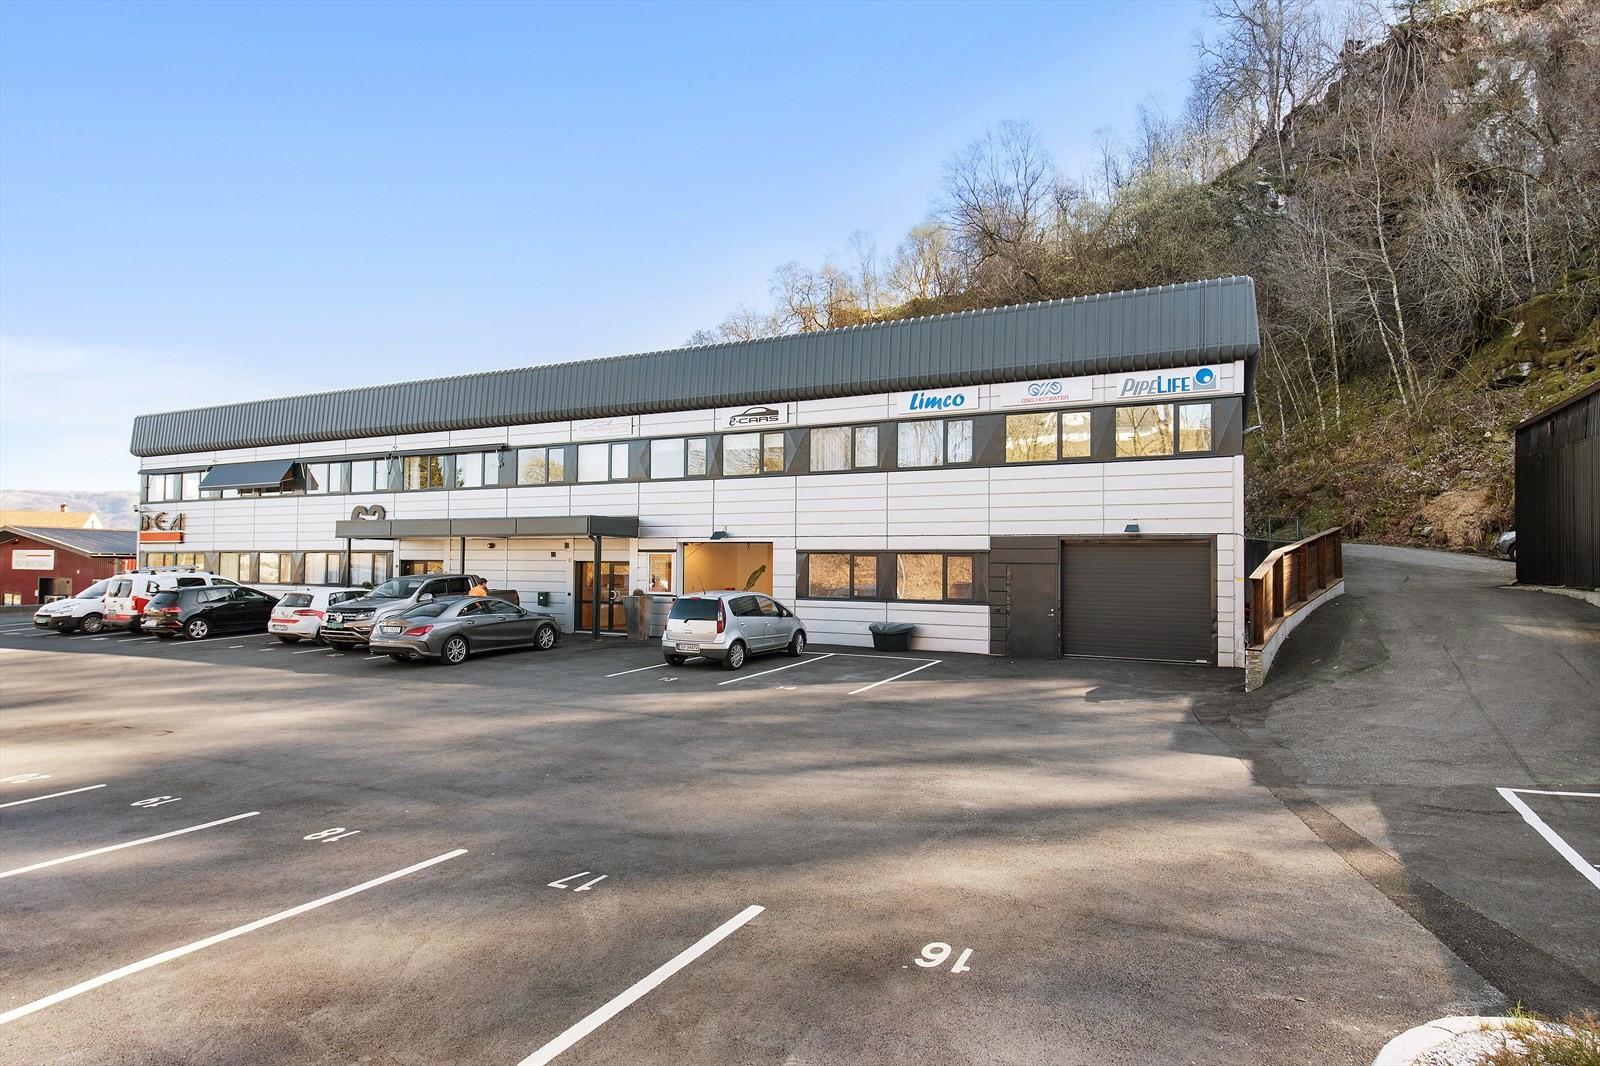 Ledige lokaler ligger i øverste etasje med kjøreport på baksiden av bygget.